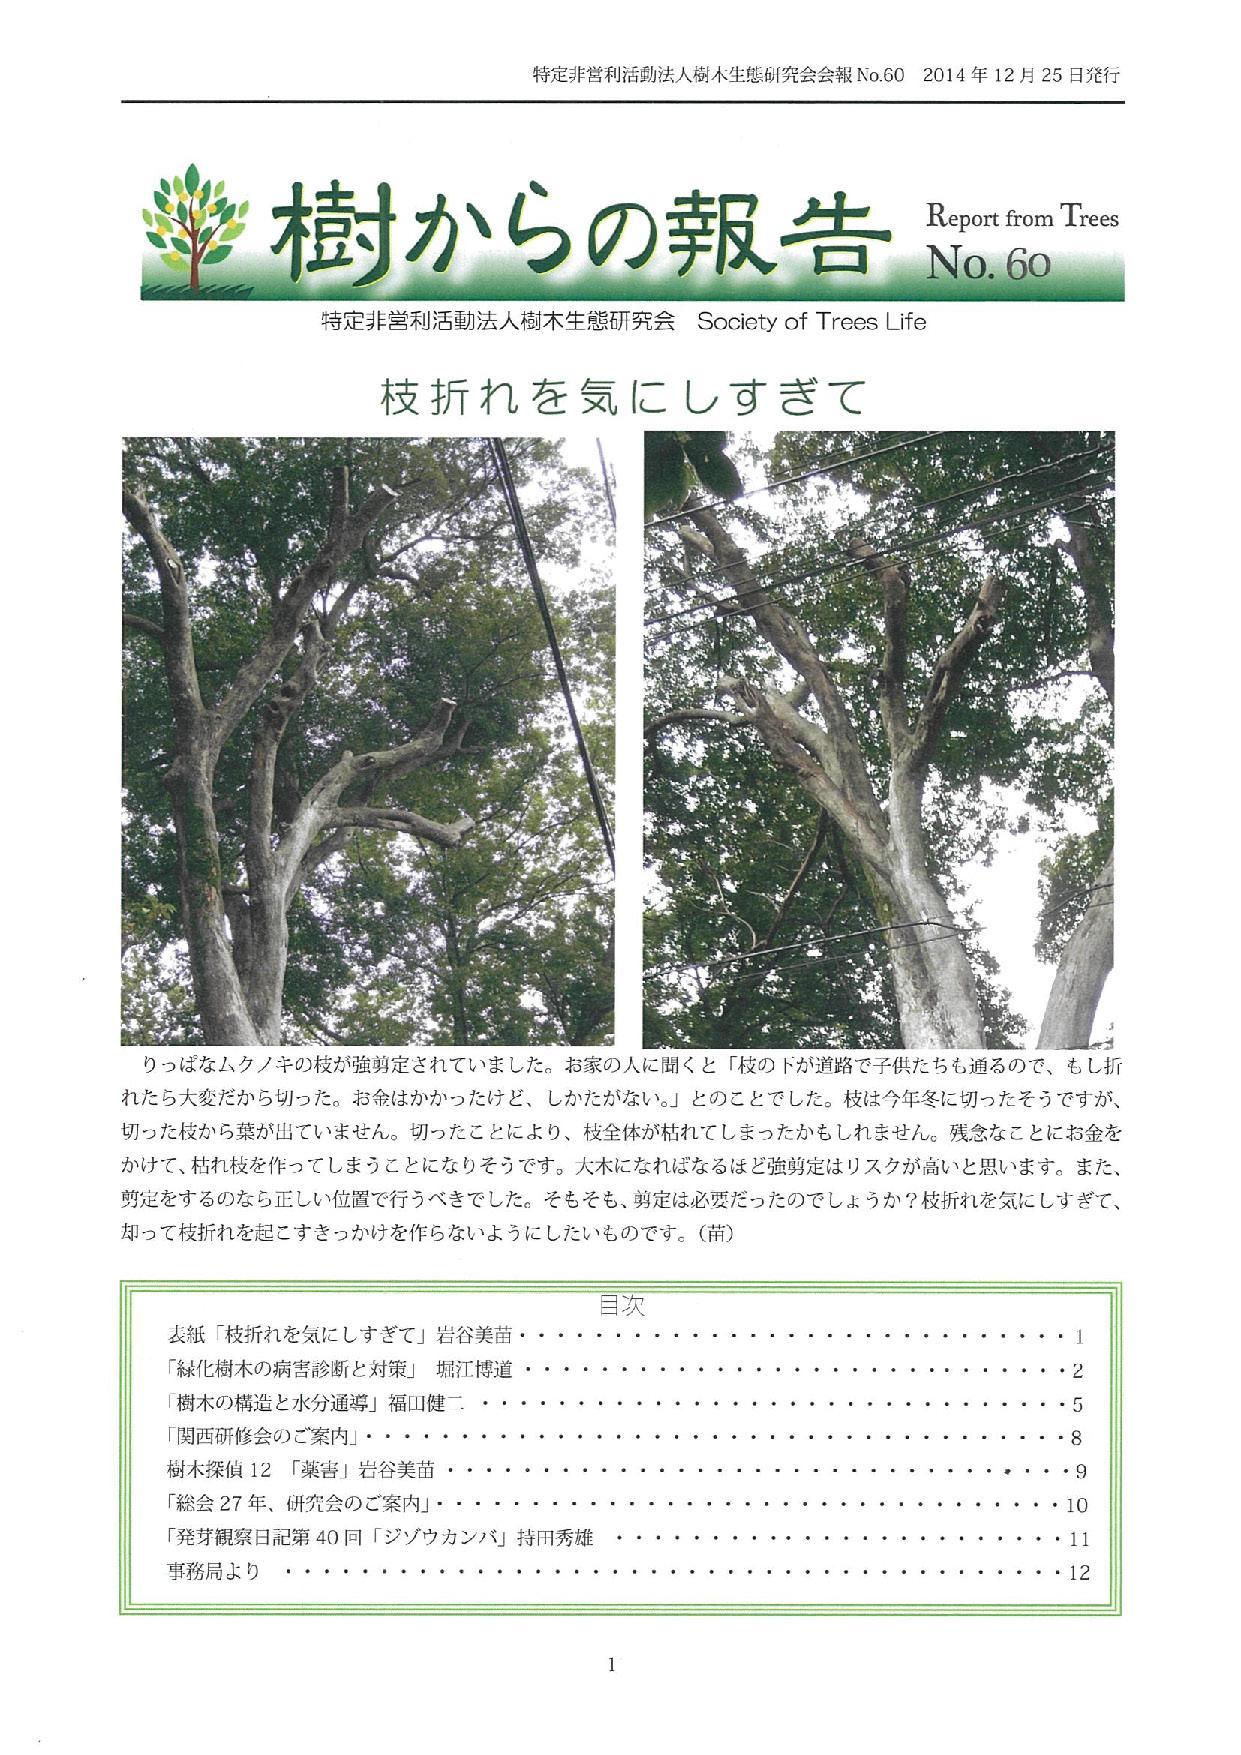 樹からの報告 会報60号表紙